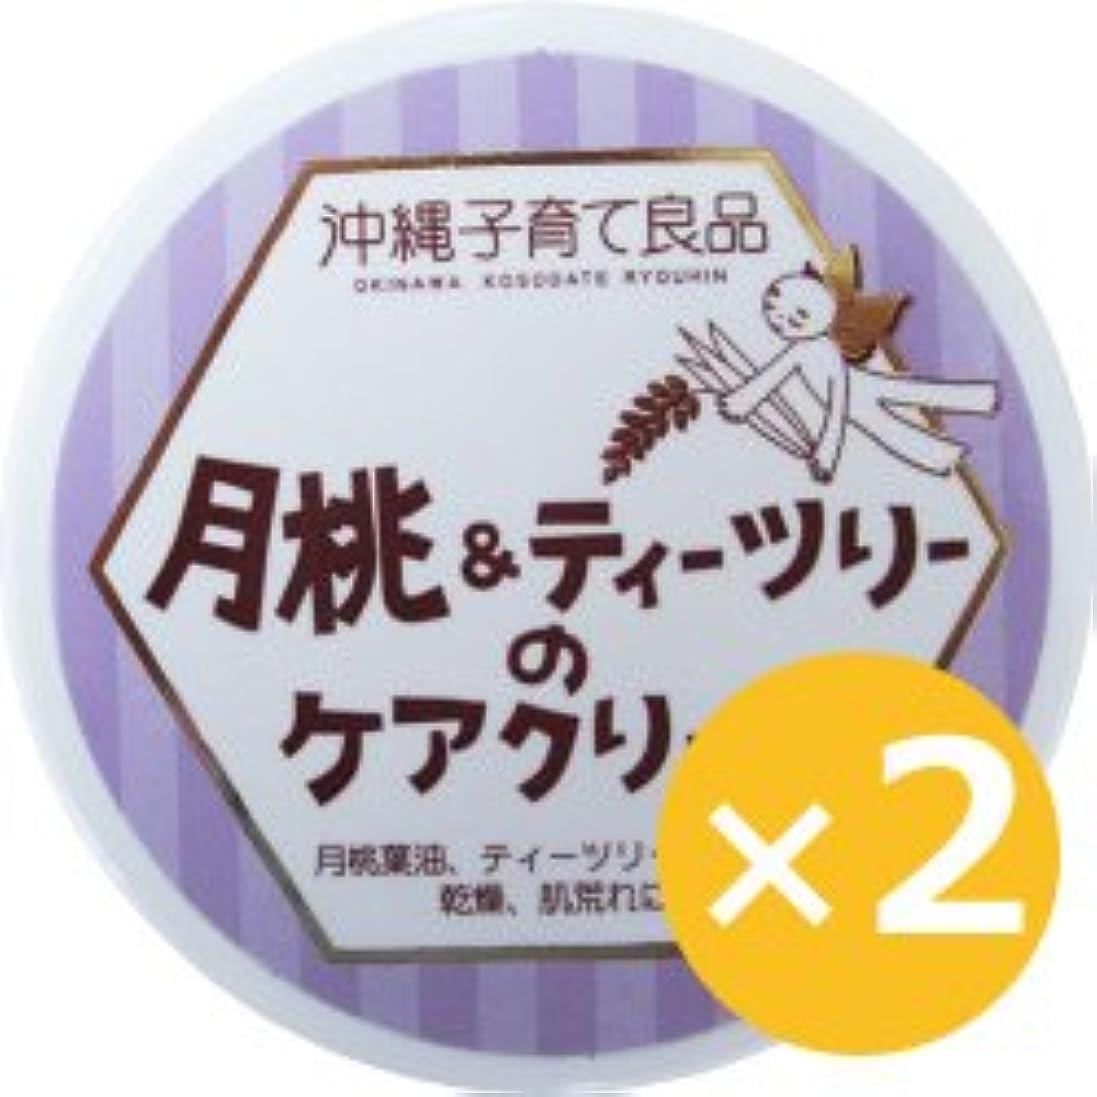 組み合わせ勧告省月桃&ティーツリークリーム 25g×2